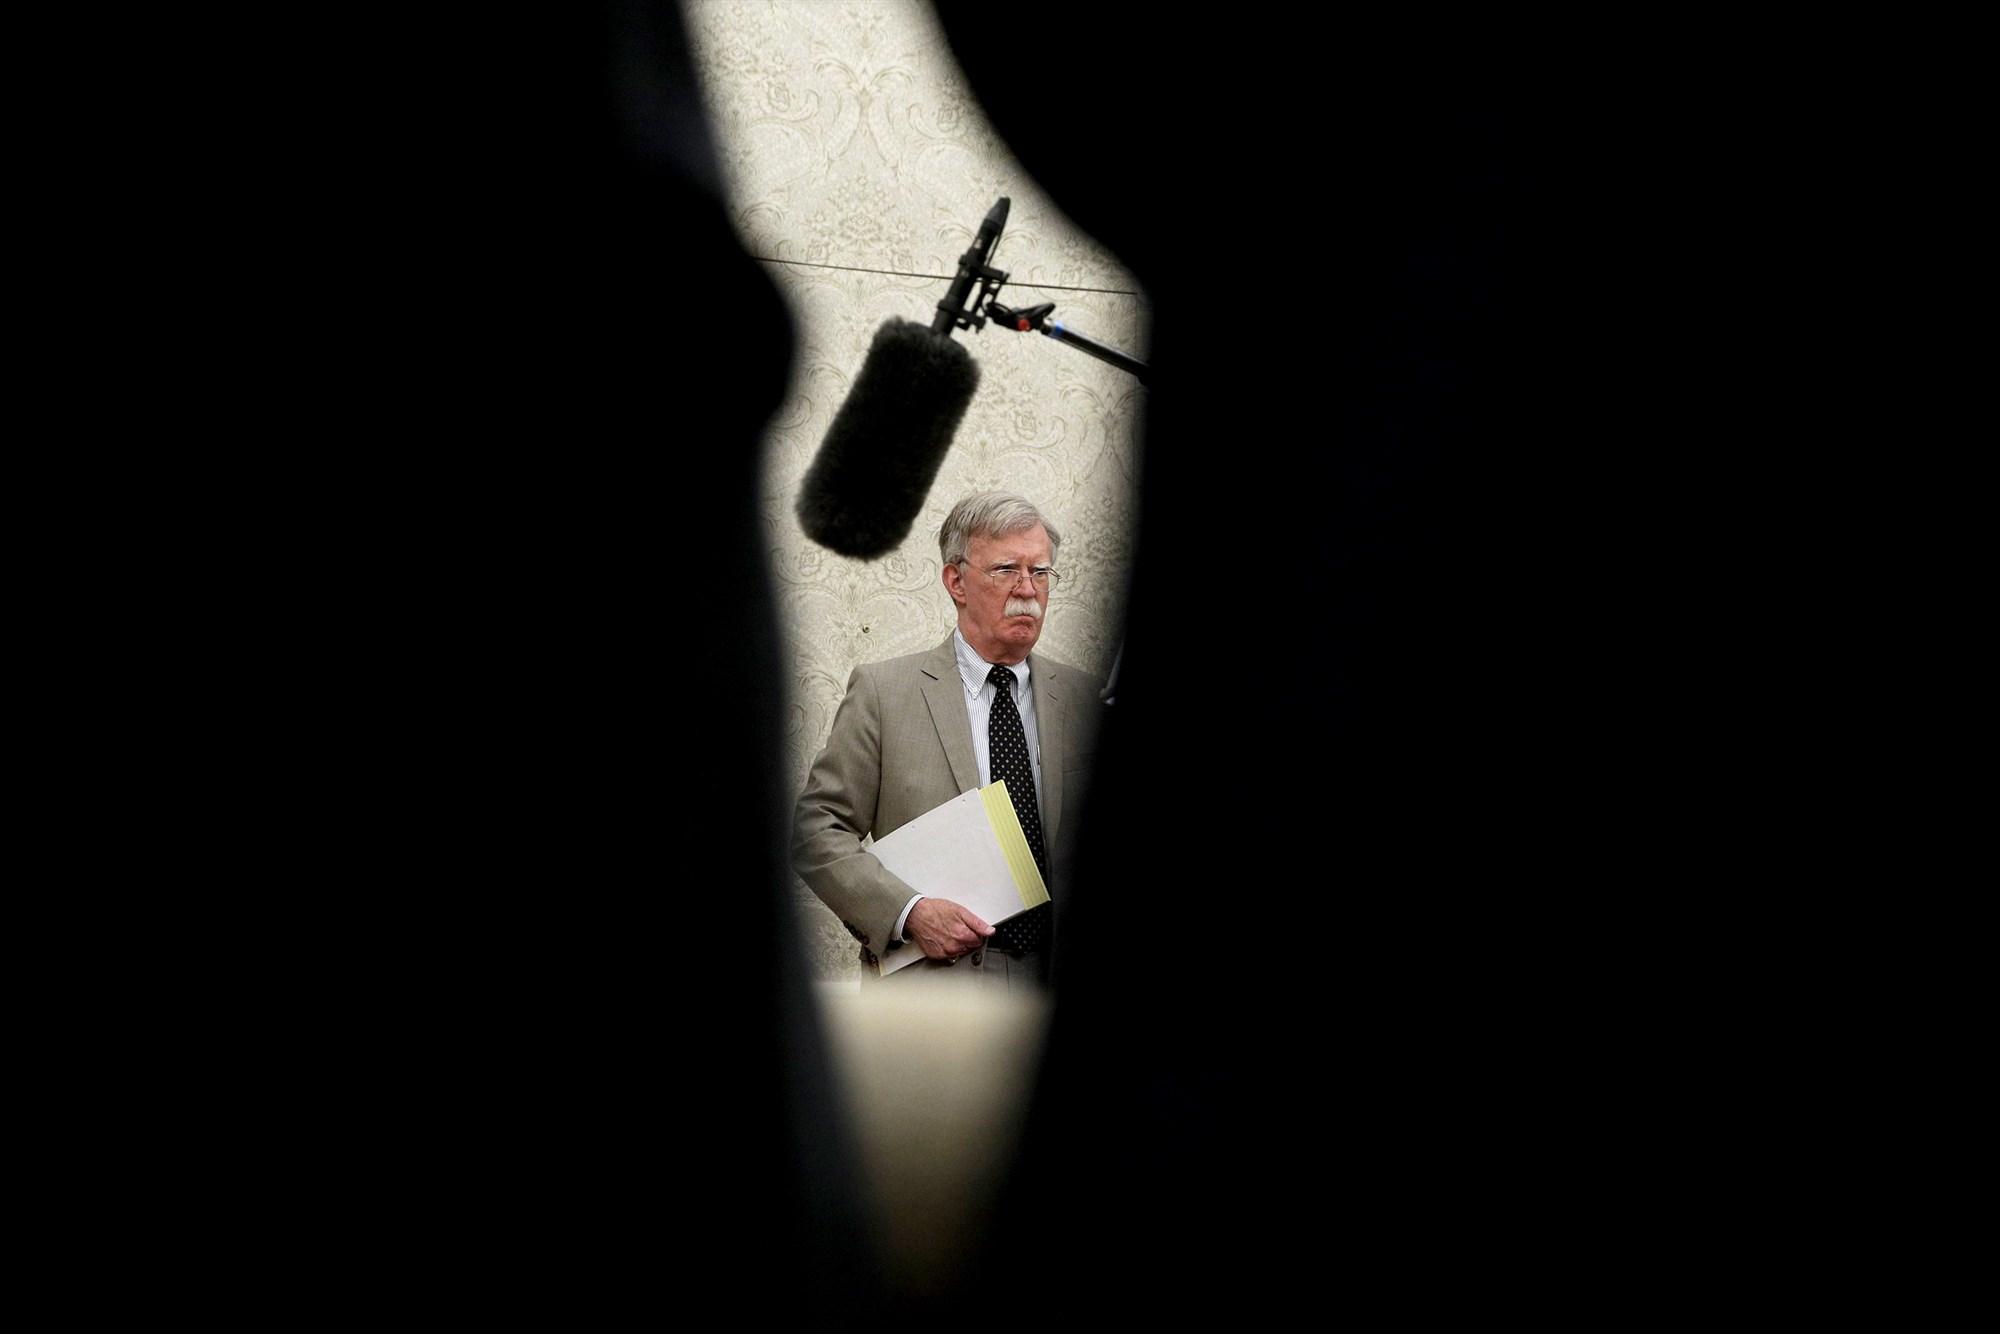 Bolton Trashes Trump in Private Speech